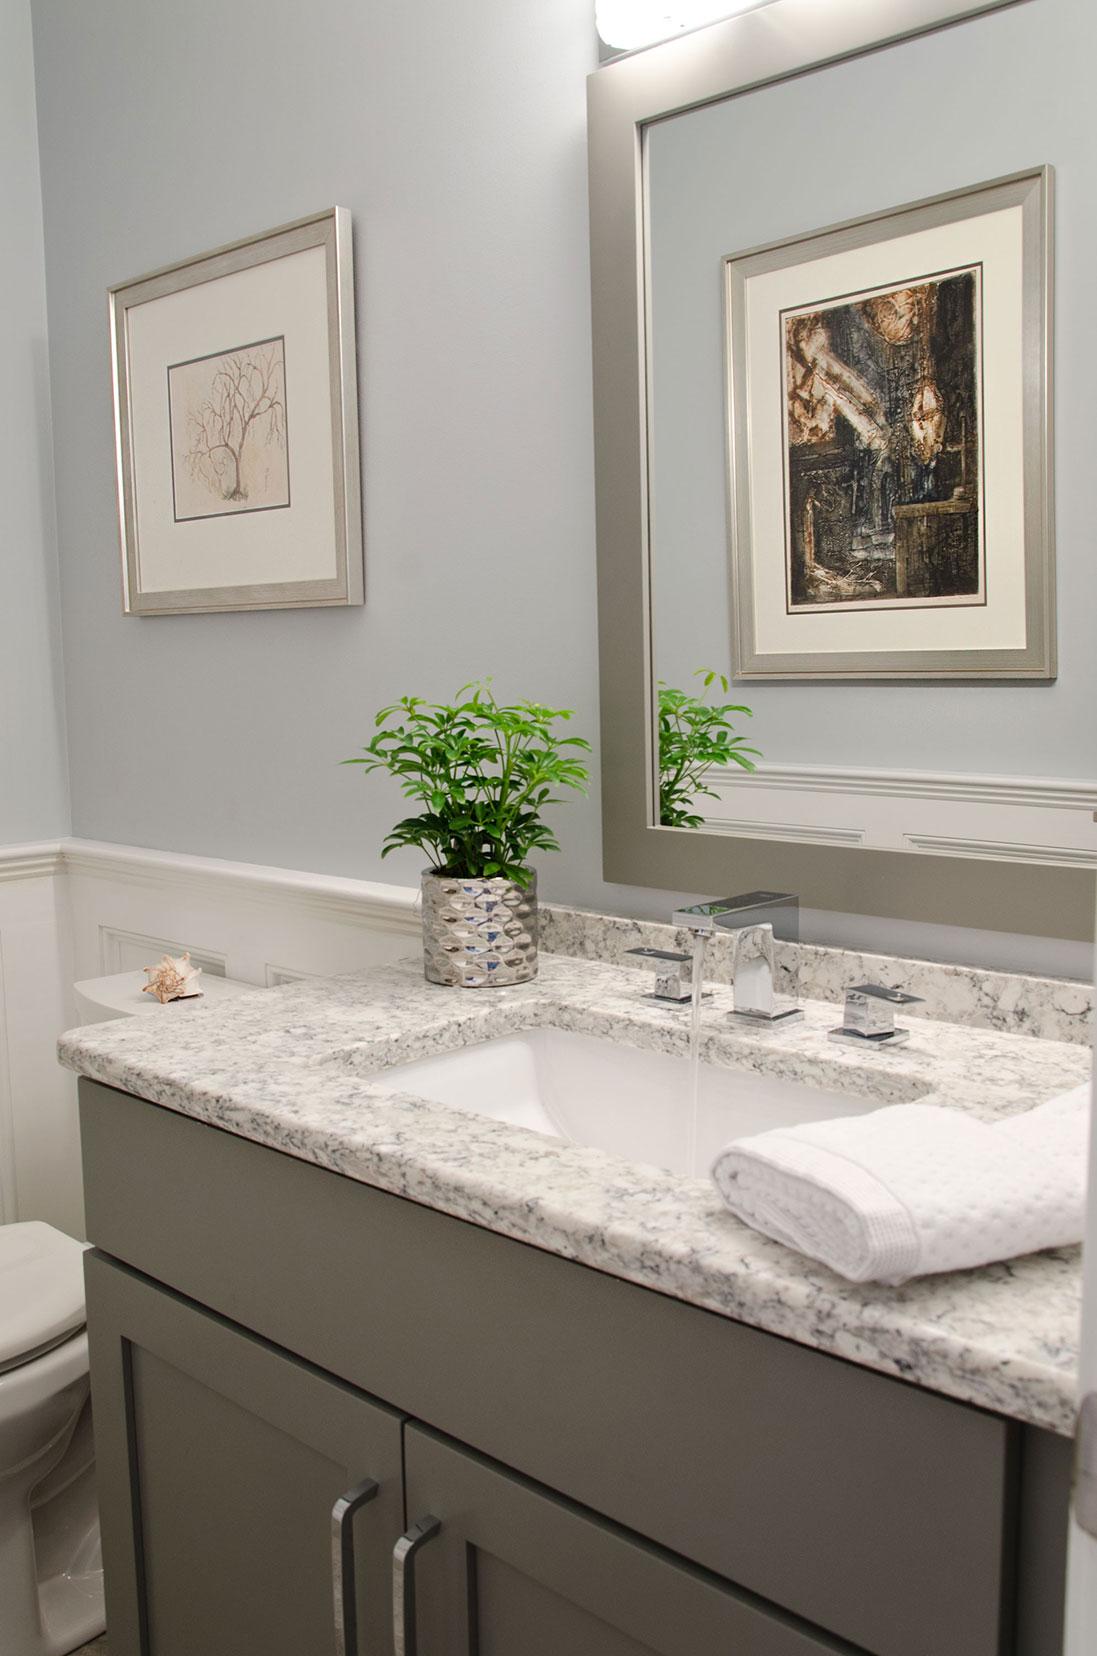 Bathroom interior by Susan Curtis